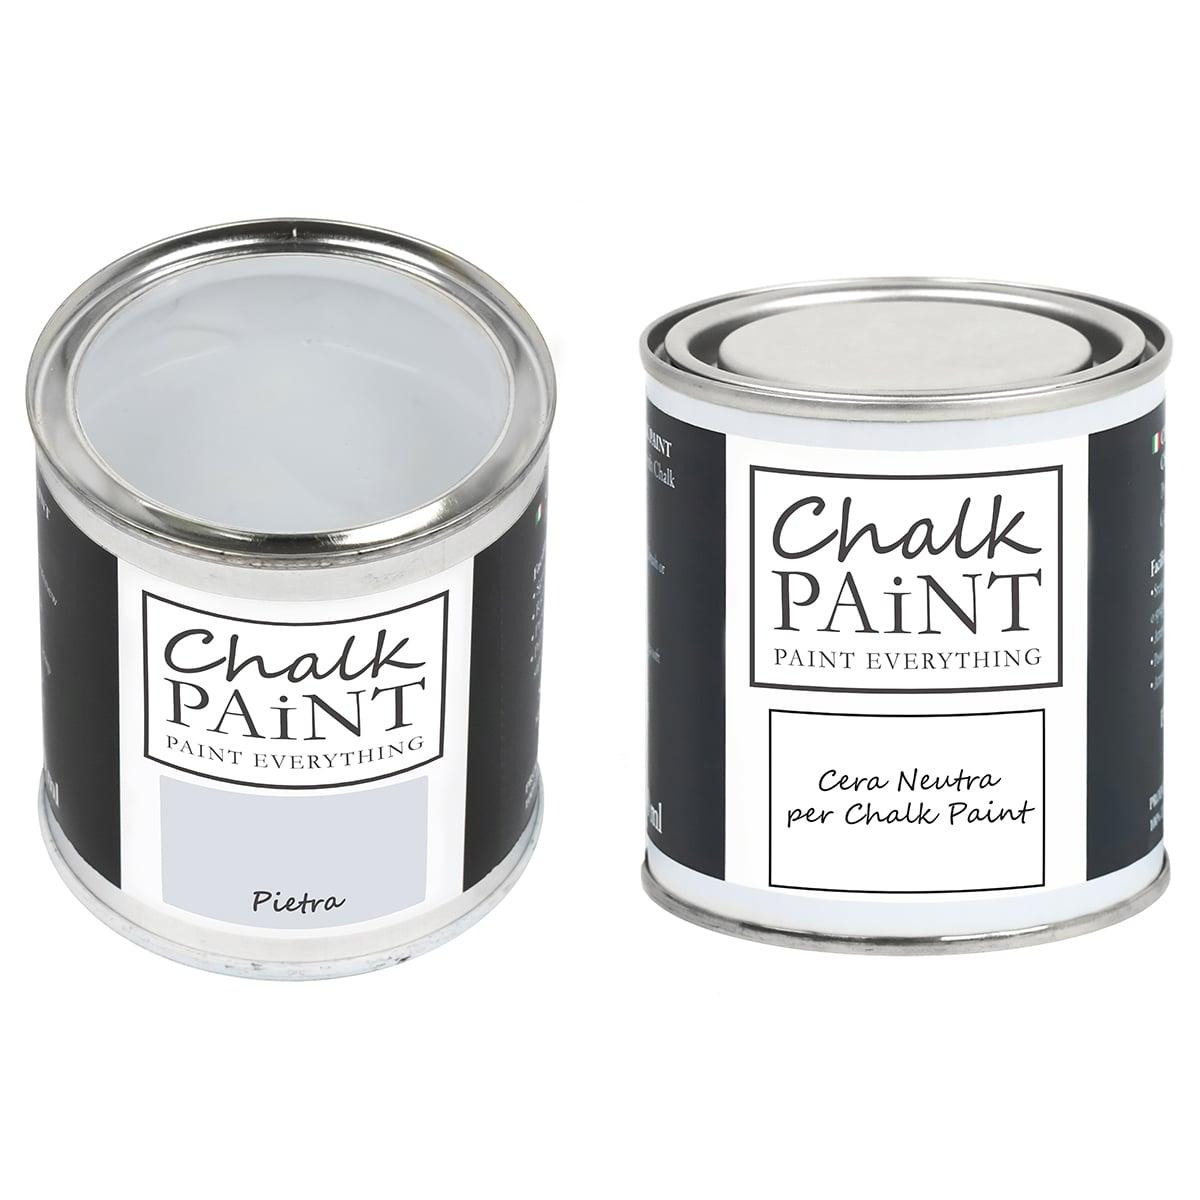 Pietra Chalk paint e cera in offerta decora facile con paint magic